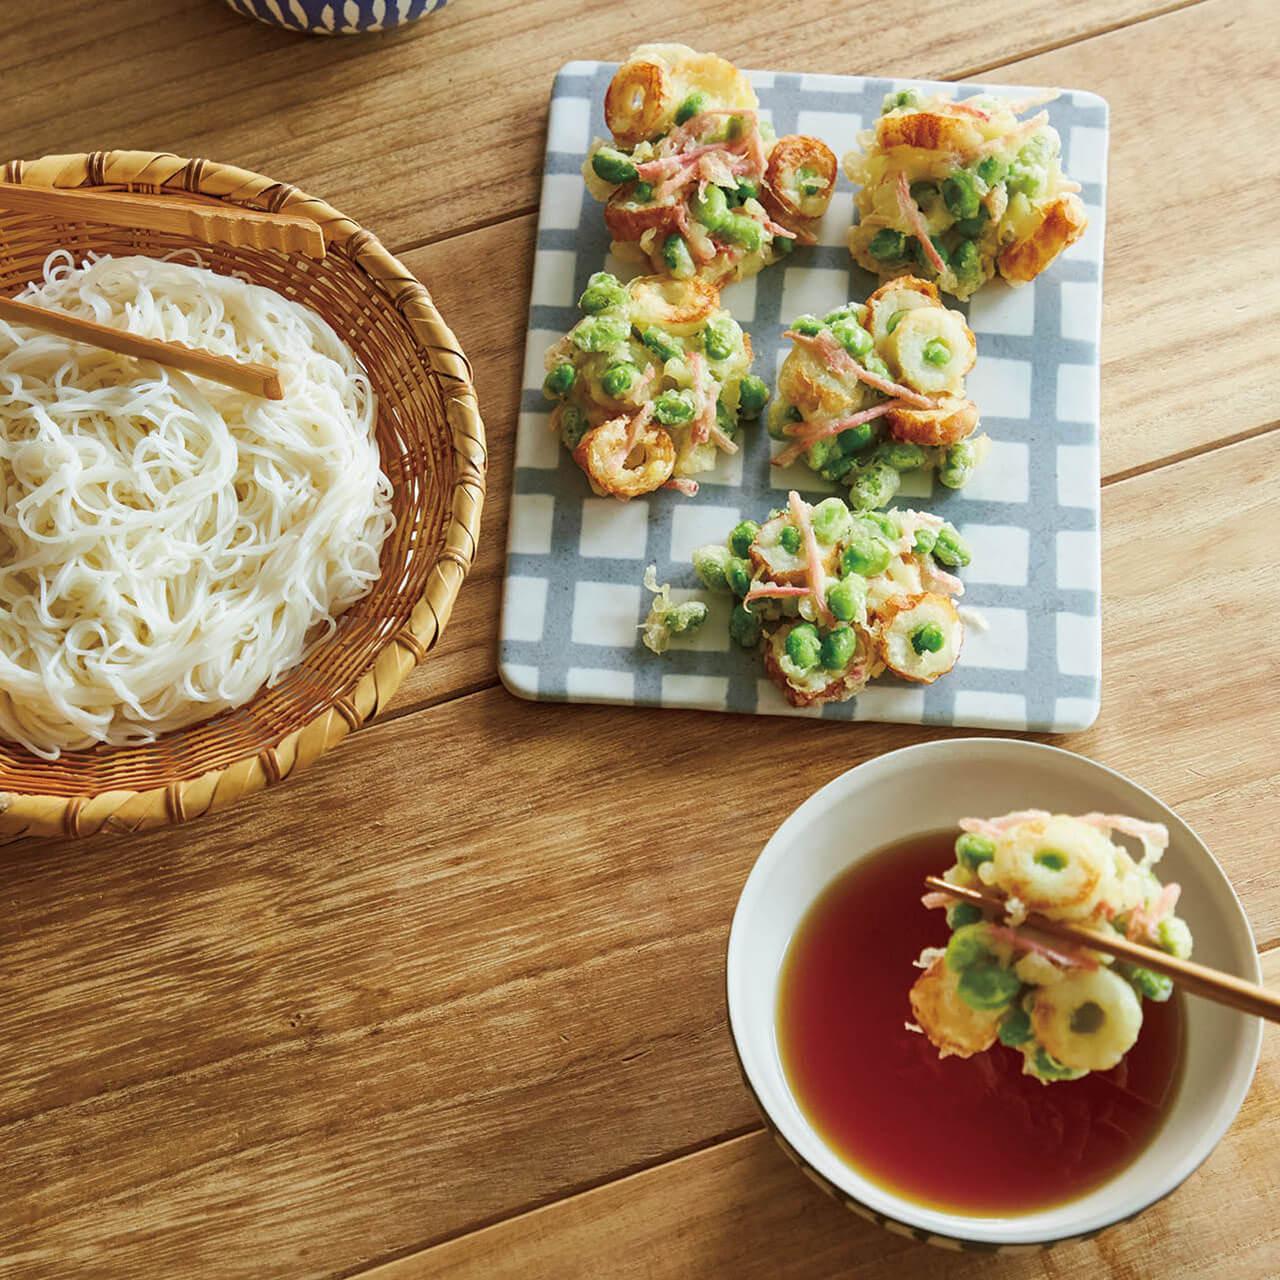 「枝豆、ちくわ、紅しょうがのミニかき揚げそうめん」レシピ/重信初江さん